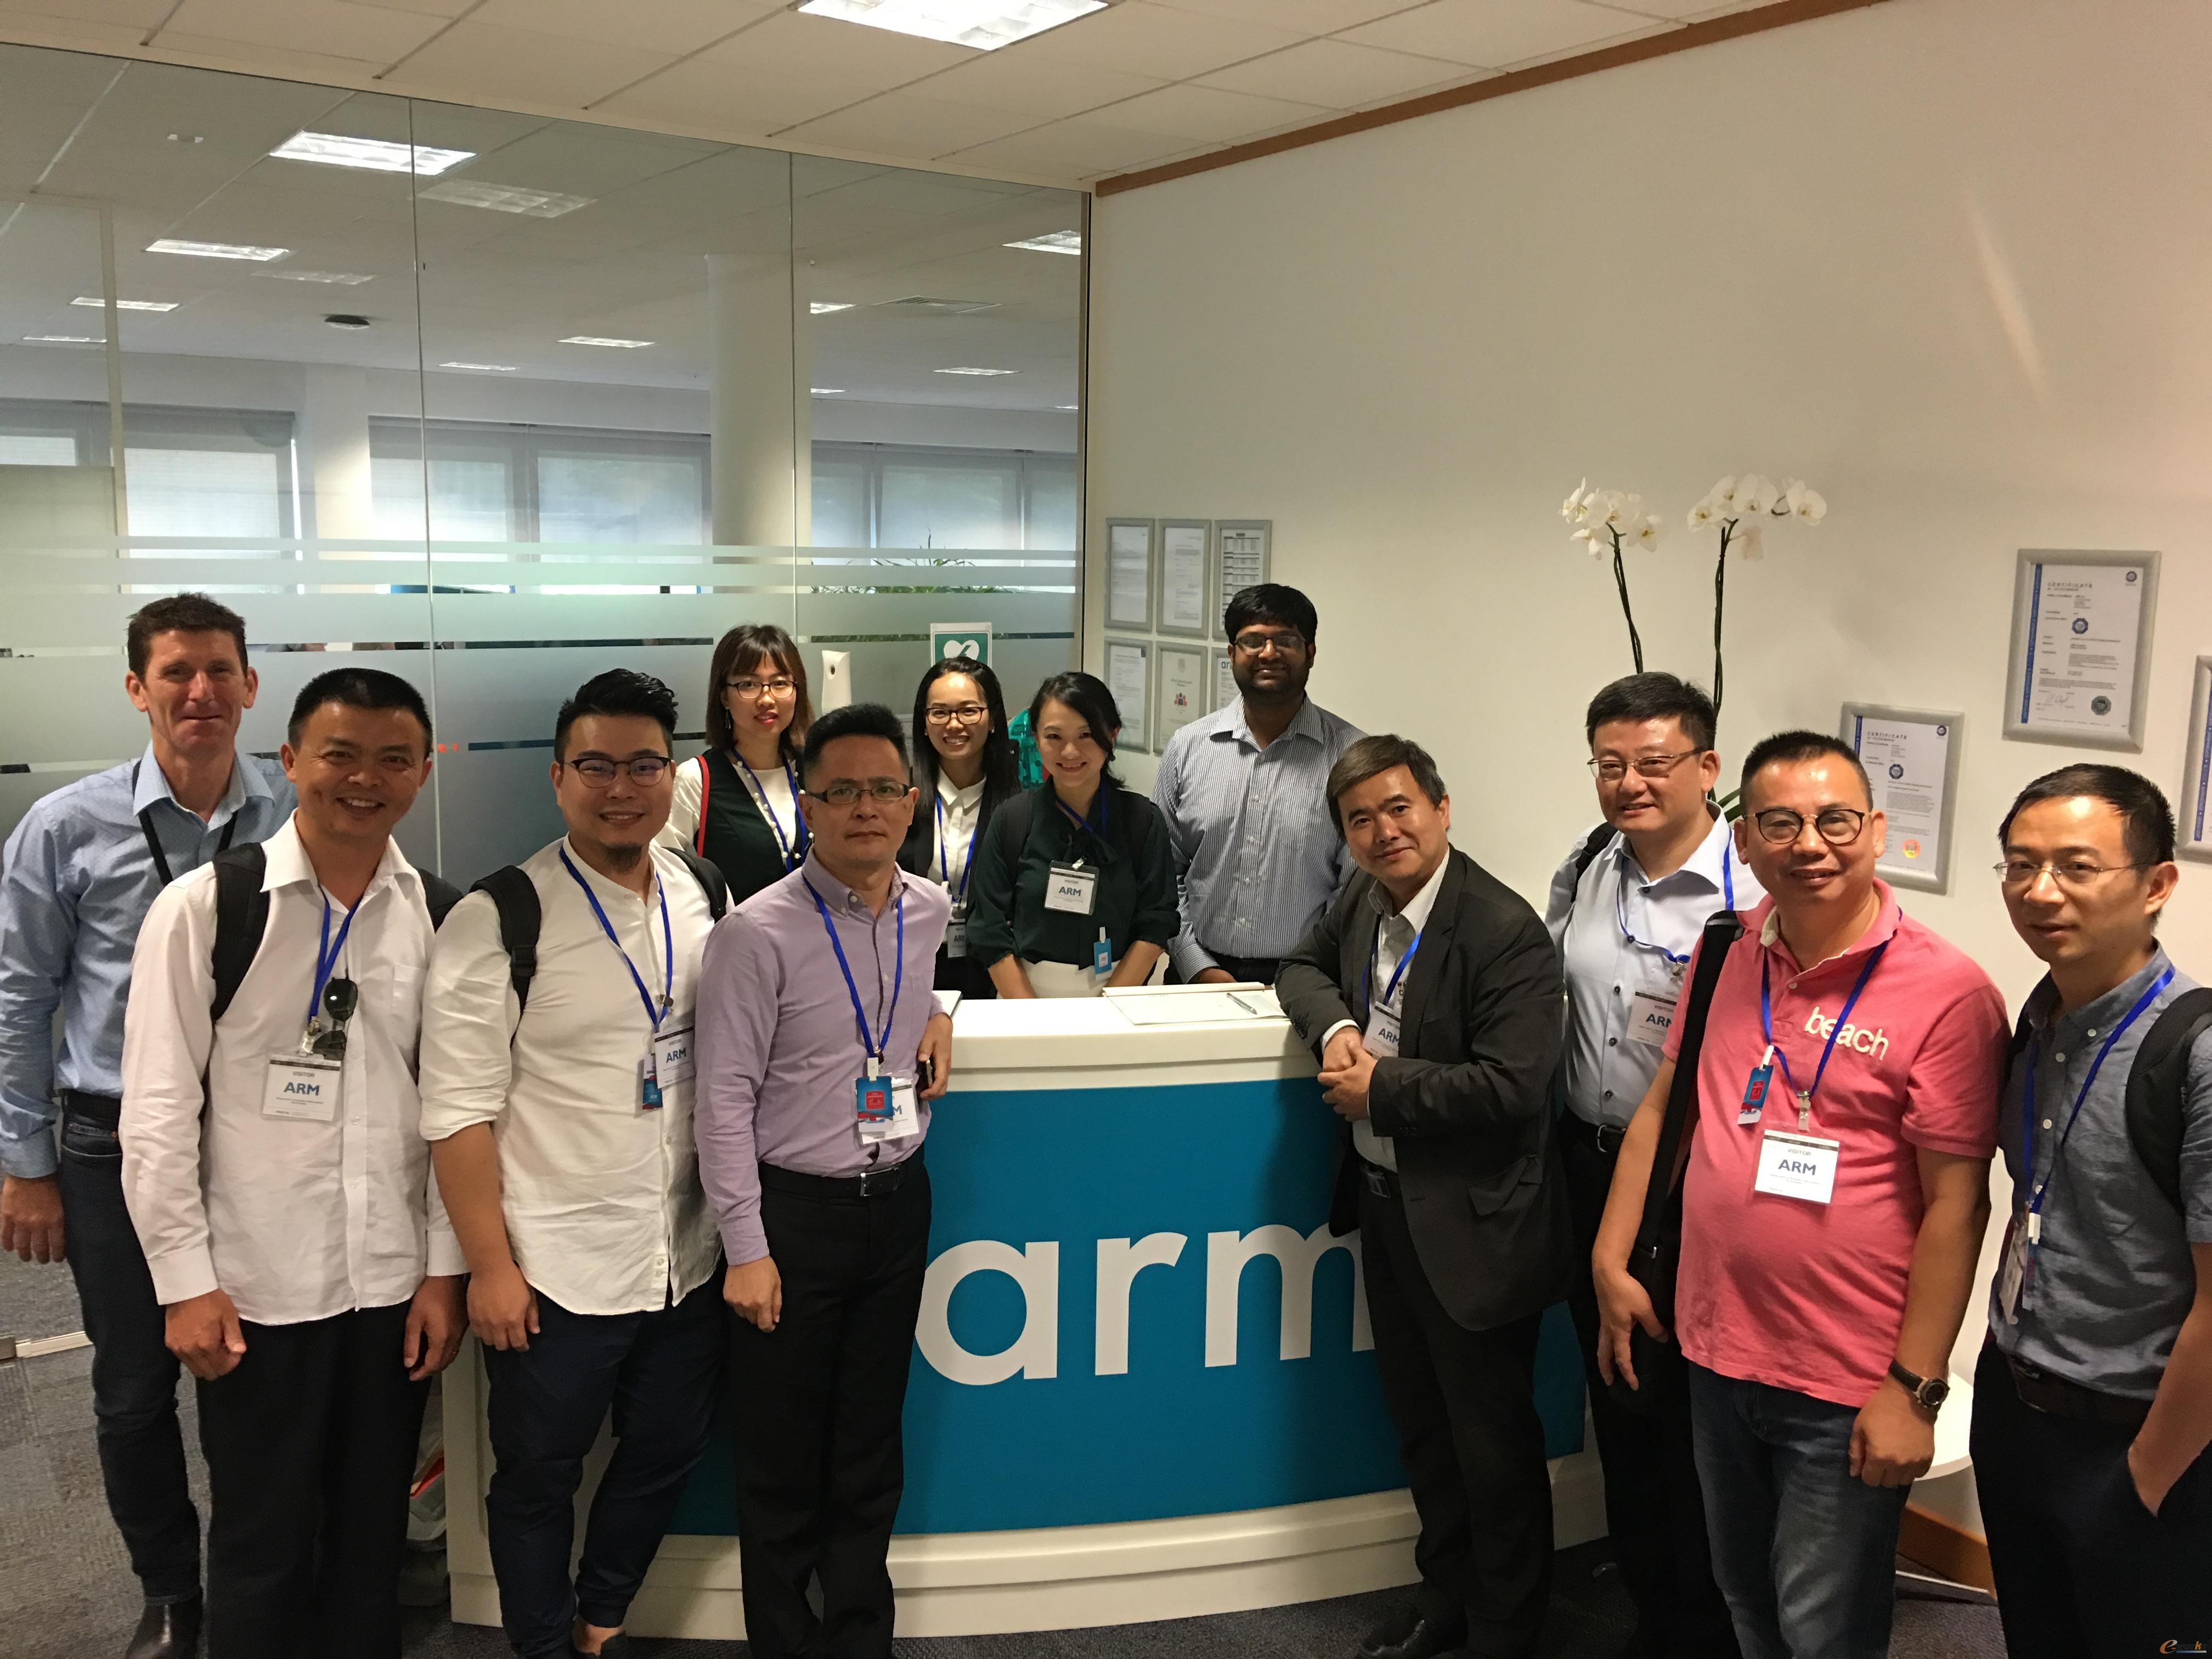 考察团成员在ARM公司合影